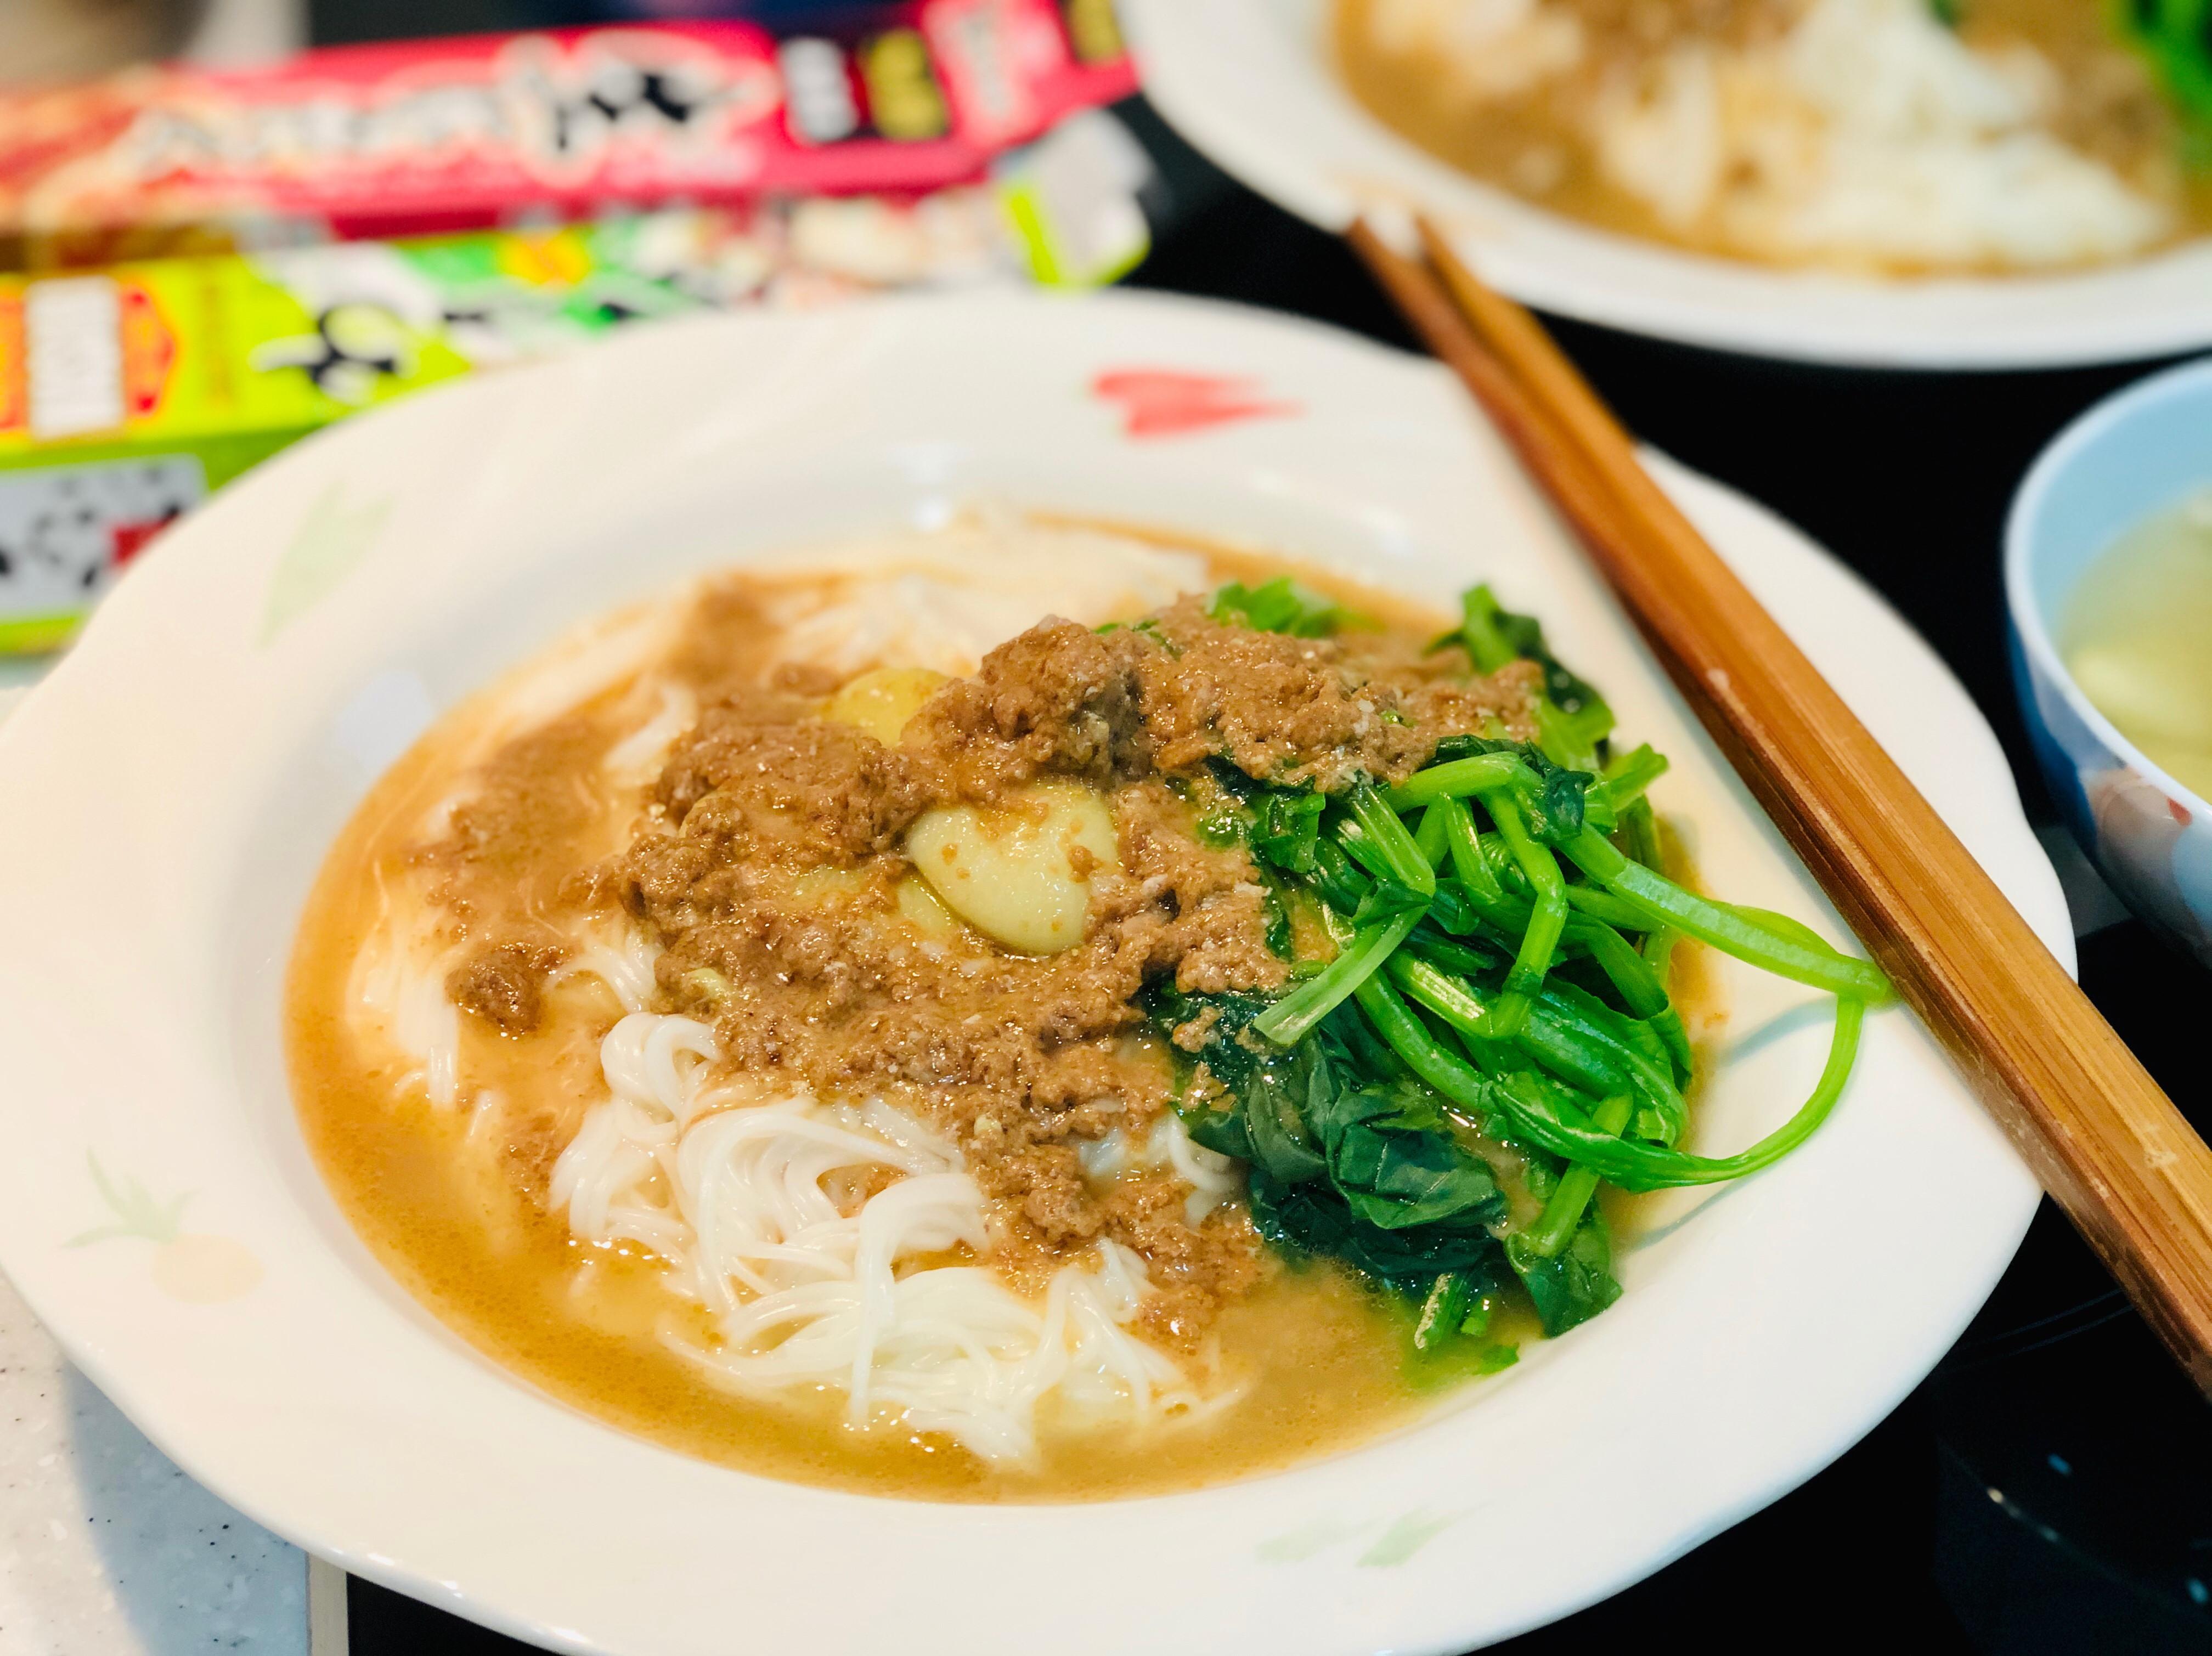 哇沙米麻醬涼麵/S&B 山葵膏